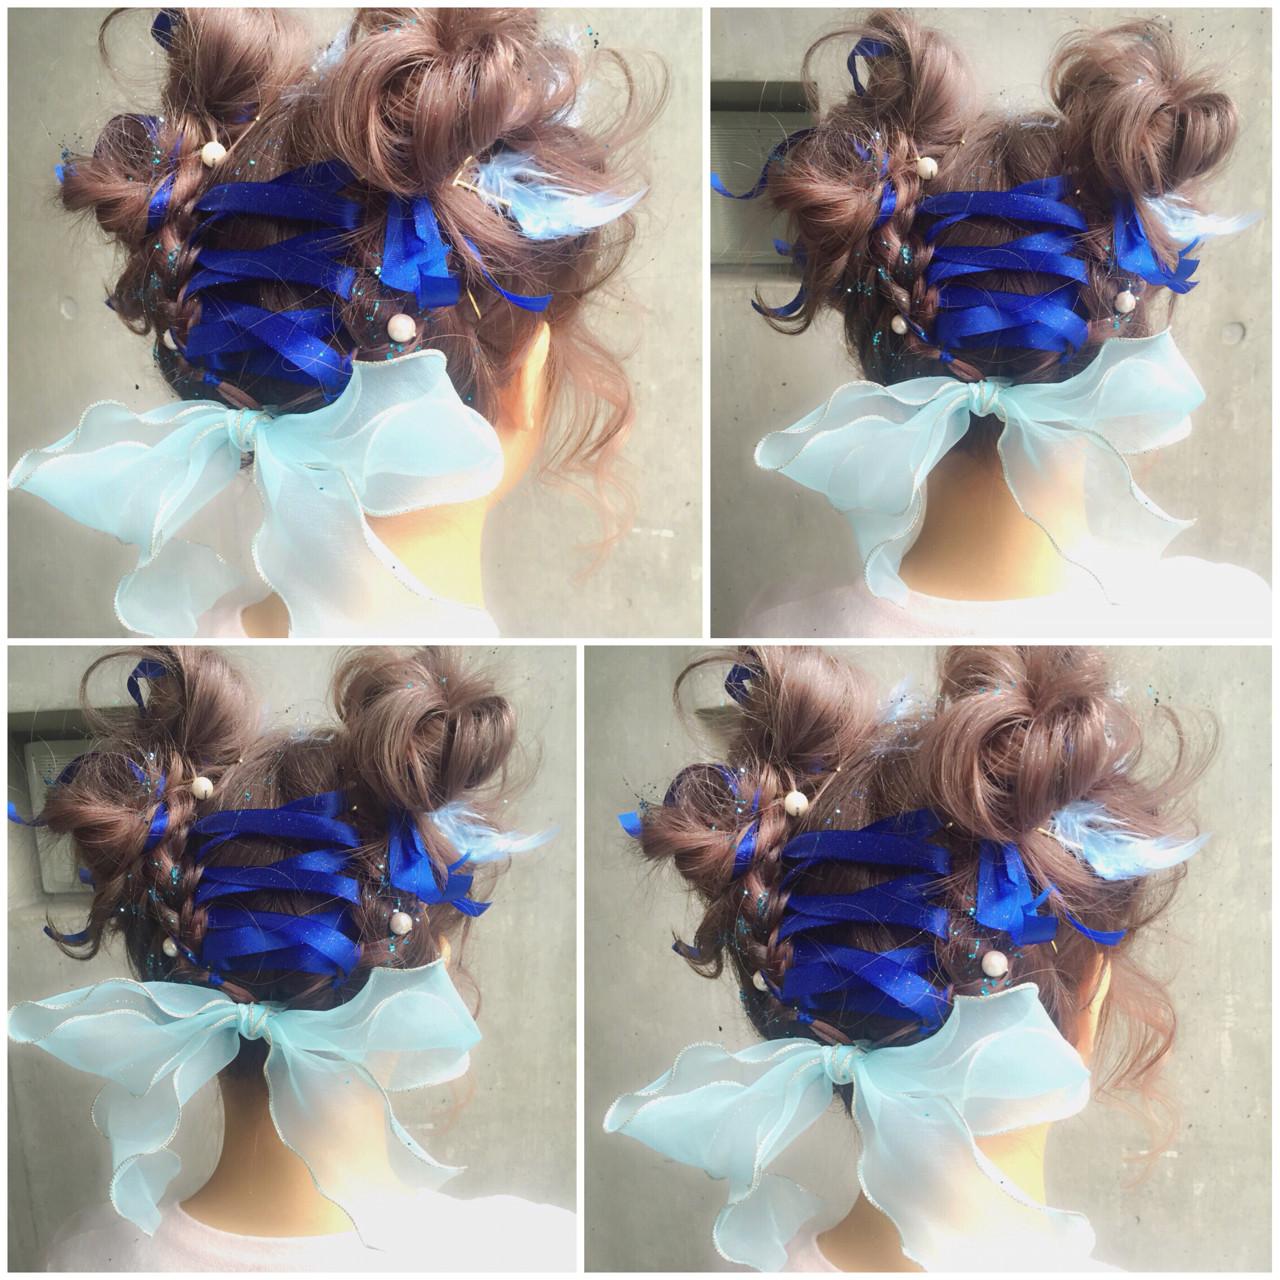 ミディアム ゆるふわ ハーフアップ ヘアアレンジ ヘアスタイルや髪型の写真・画像 | MOTAI / Wille / Wille